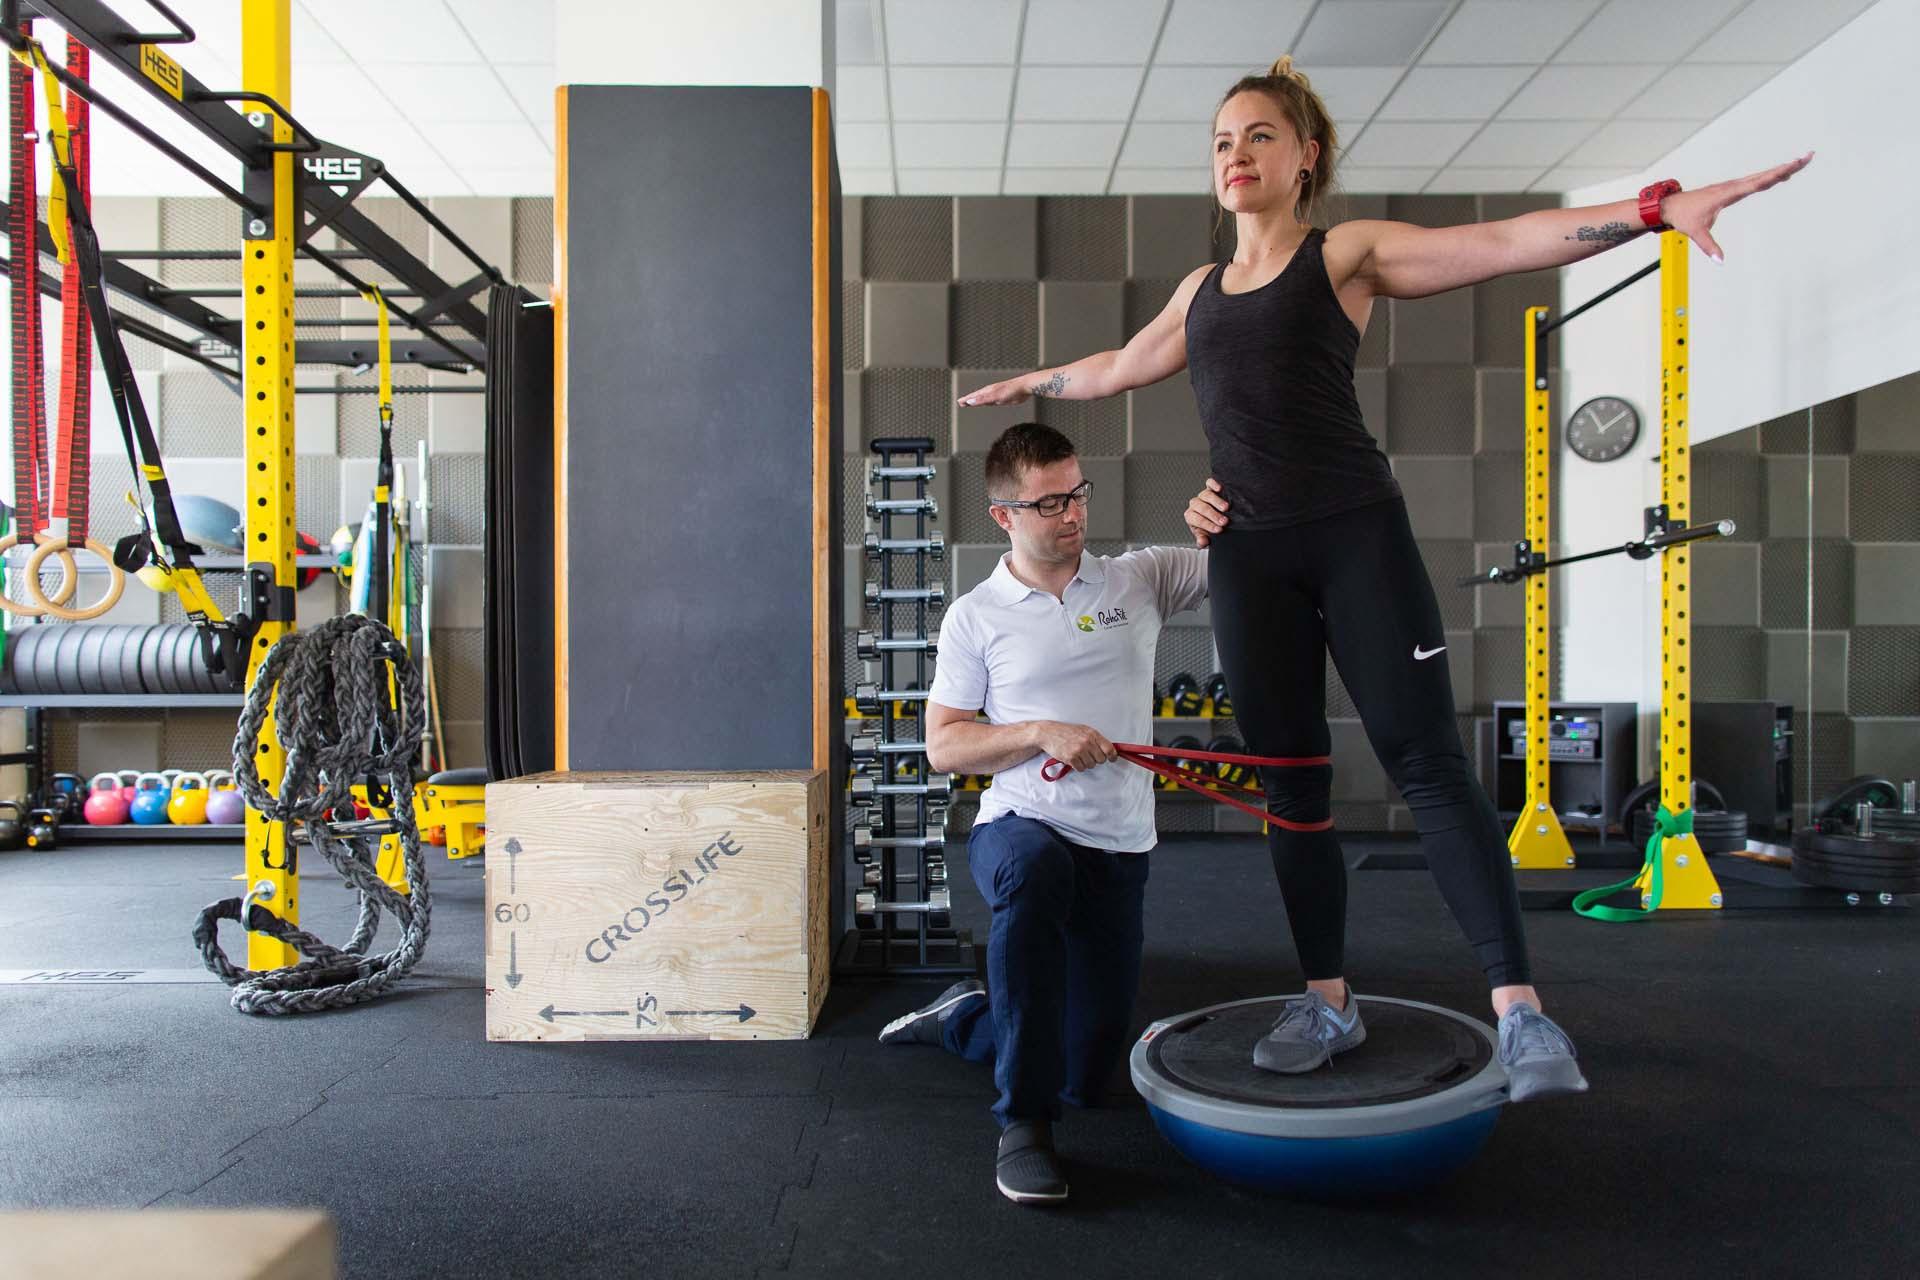 Fizjoterapeuta w trakcie medycznego treningu rehabilitacyjnego mającego na celu poprawę stabilności kończyny dolnej u pacjentki aktywnej fizycznie.